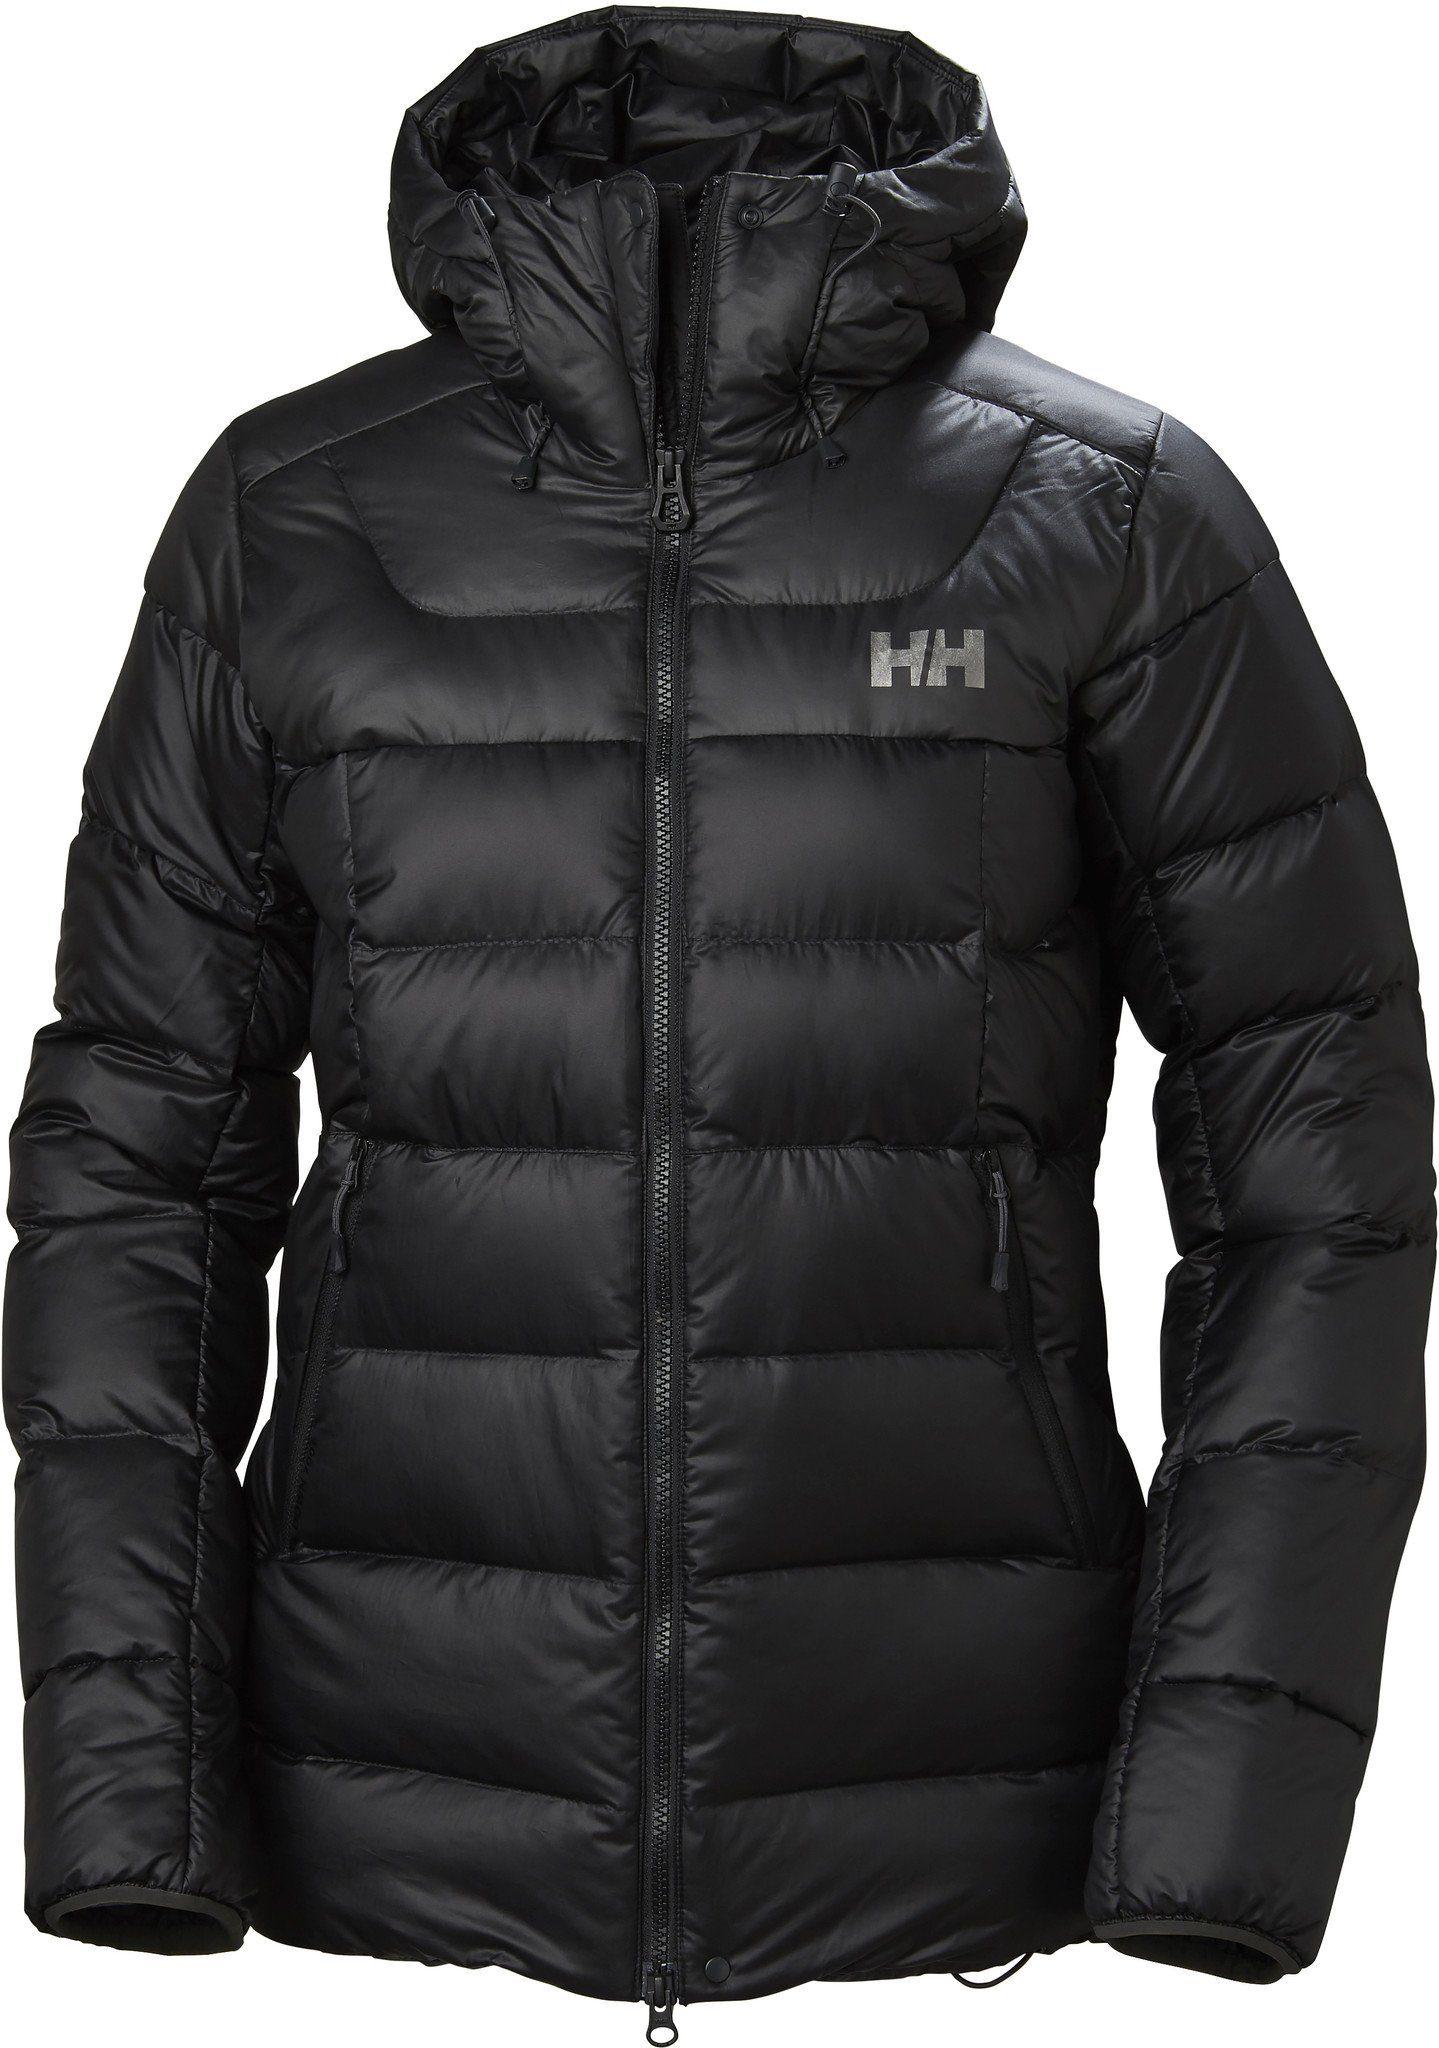 Helly Hansen Outdoorjacke »Vanir Glacier Daunenjacke Damen« online kaufen | OTTO